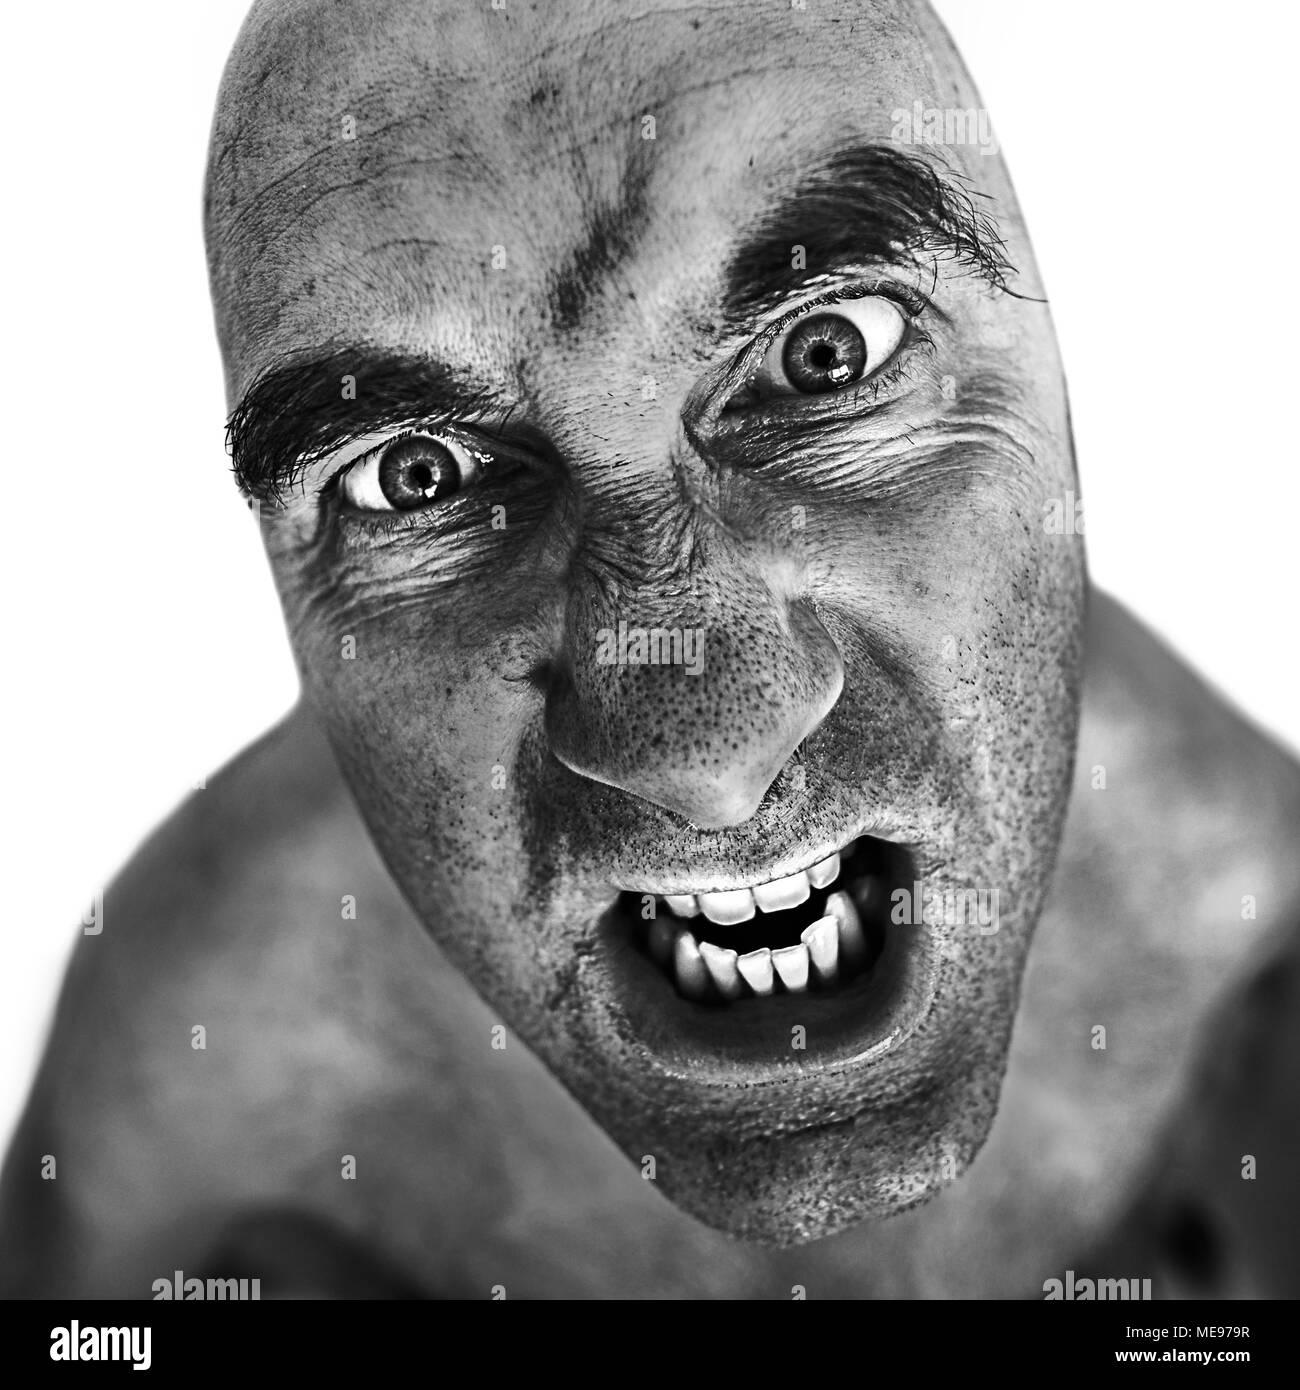 Retrato en blanco y negro de mad man procesados mediante el efecto Dragan. Imagen De Stock